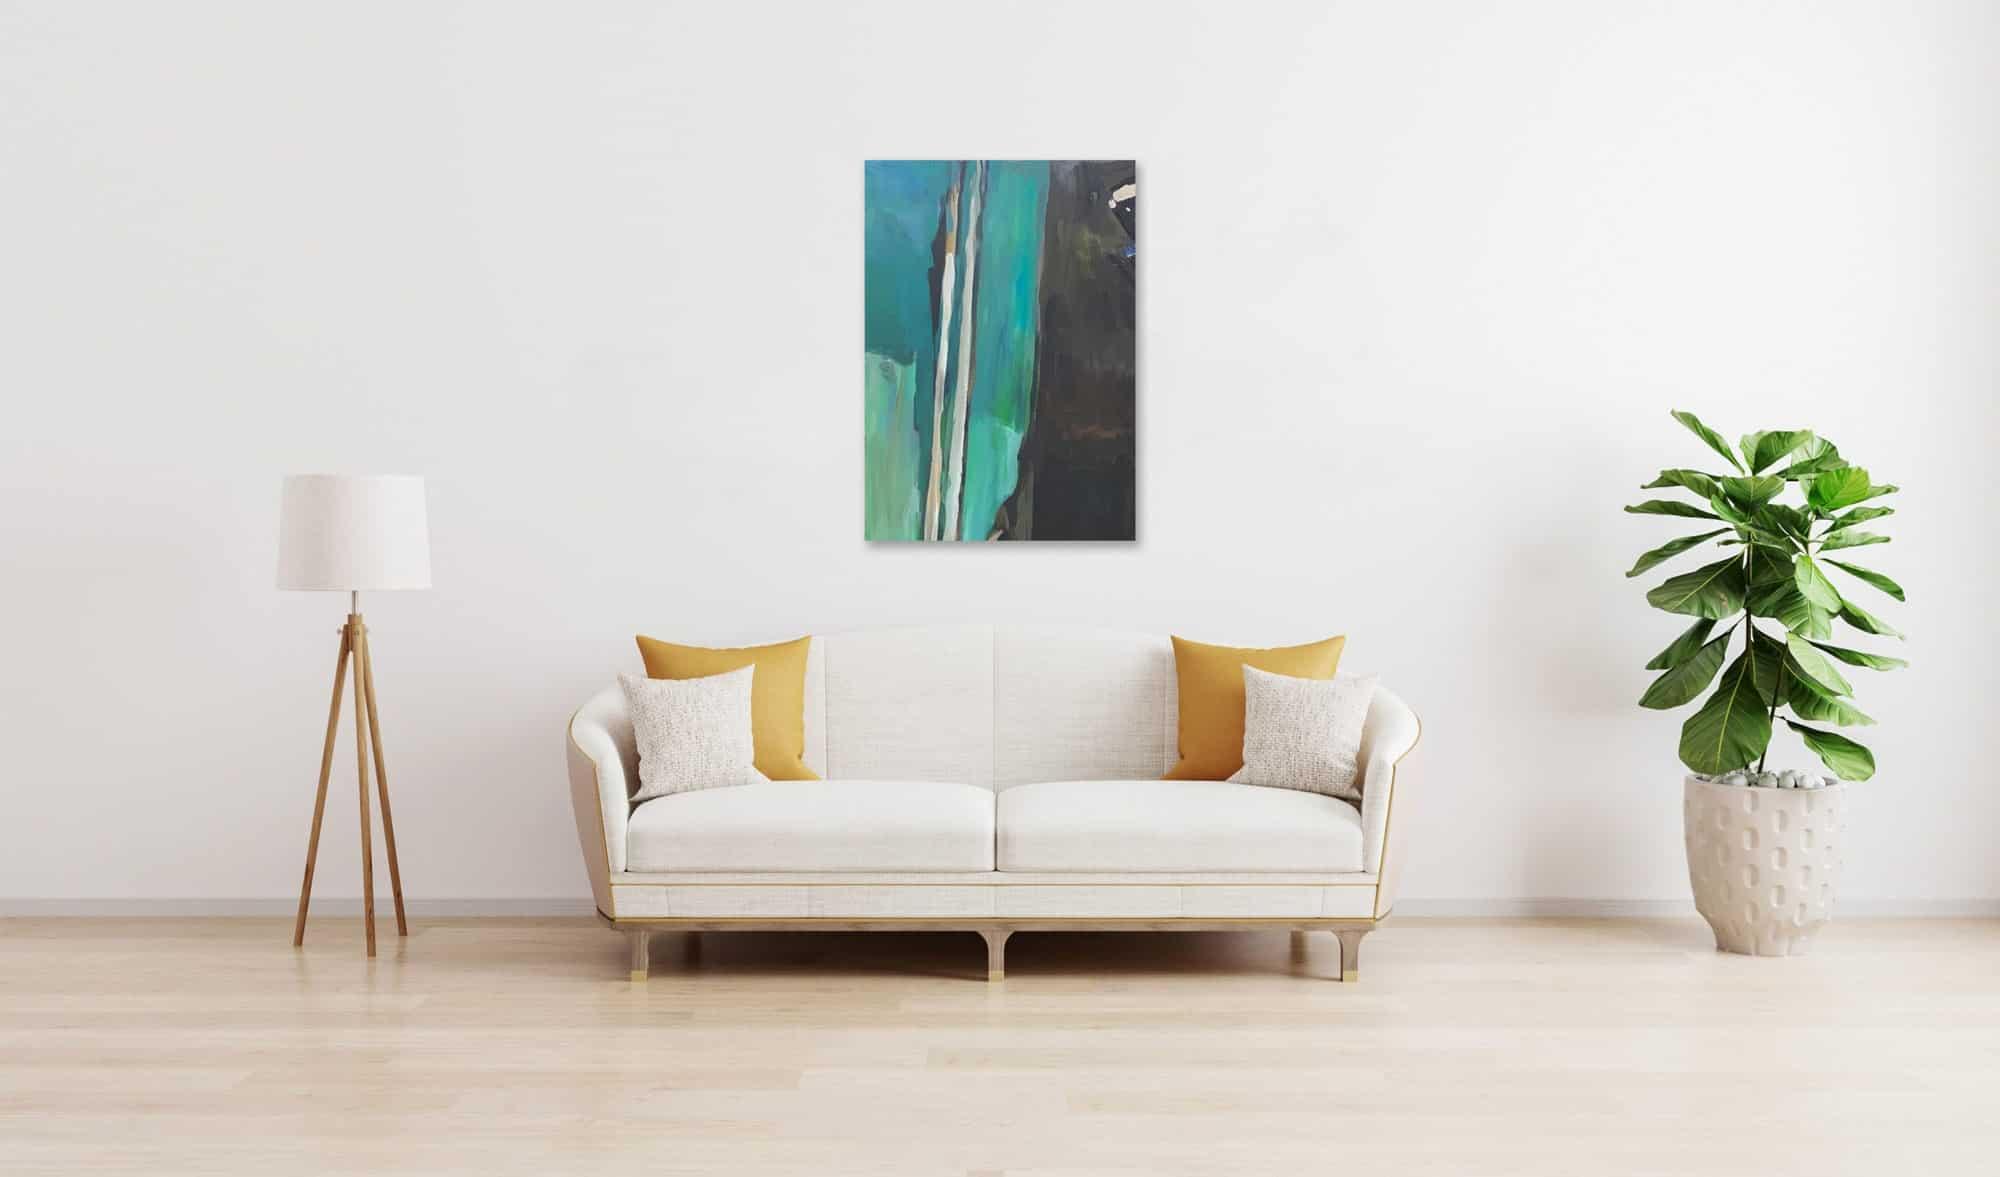 Ölgemälde auf Leinwand wandbild blau braune Abstraktion